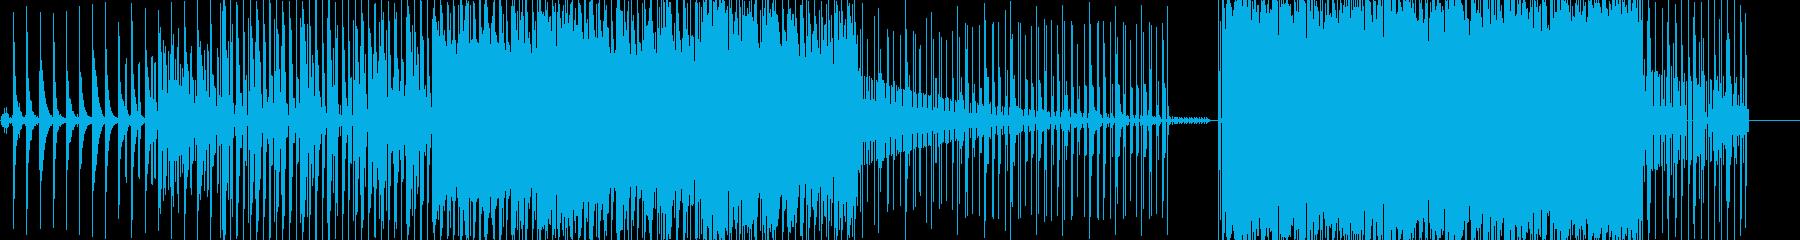 かなしい曲ですの再生済みの波形